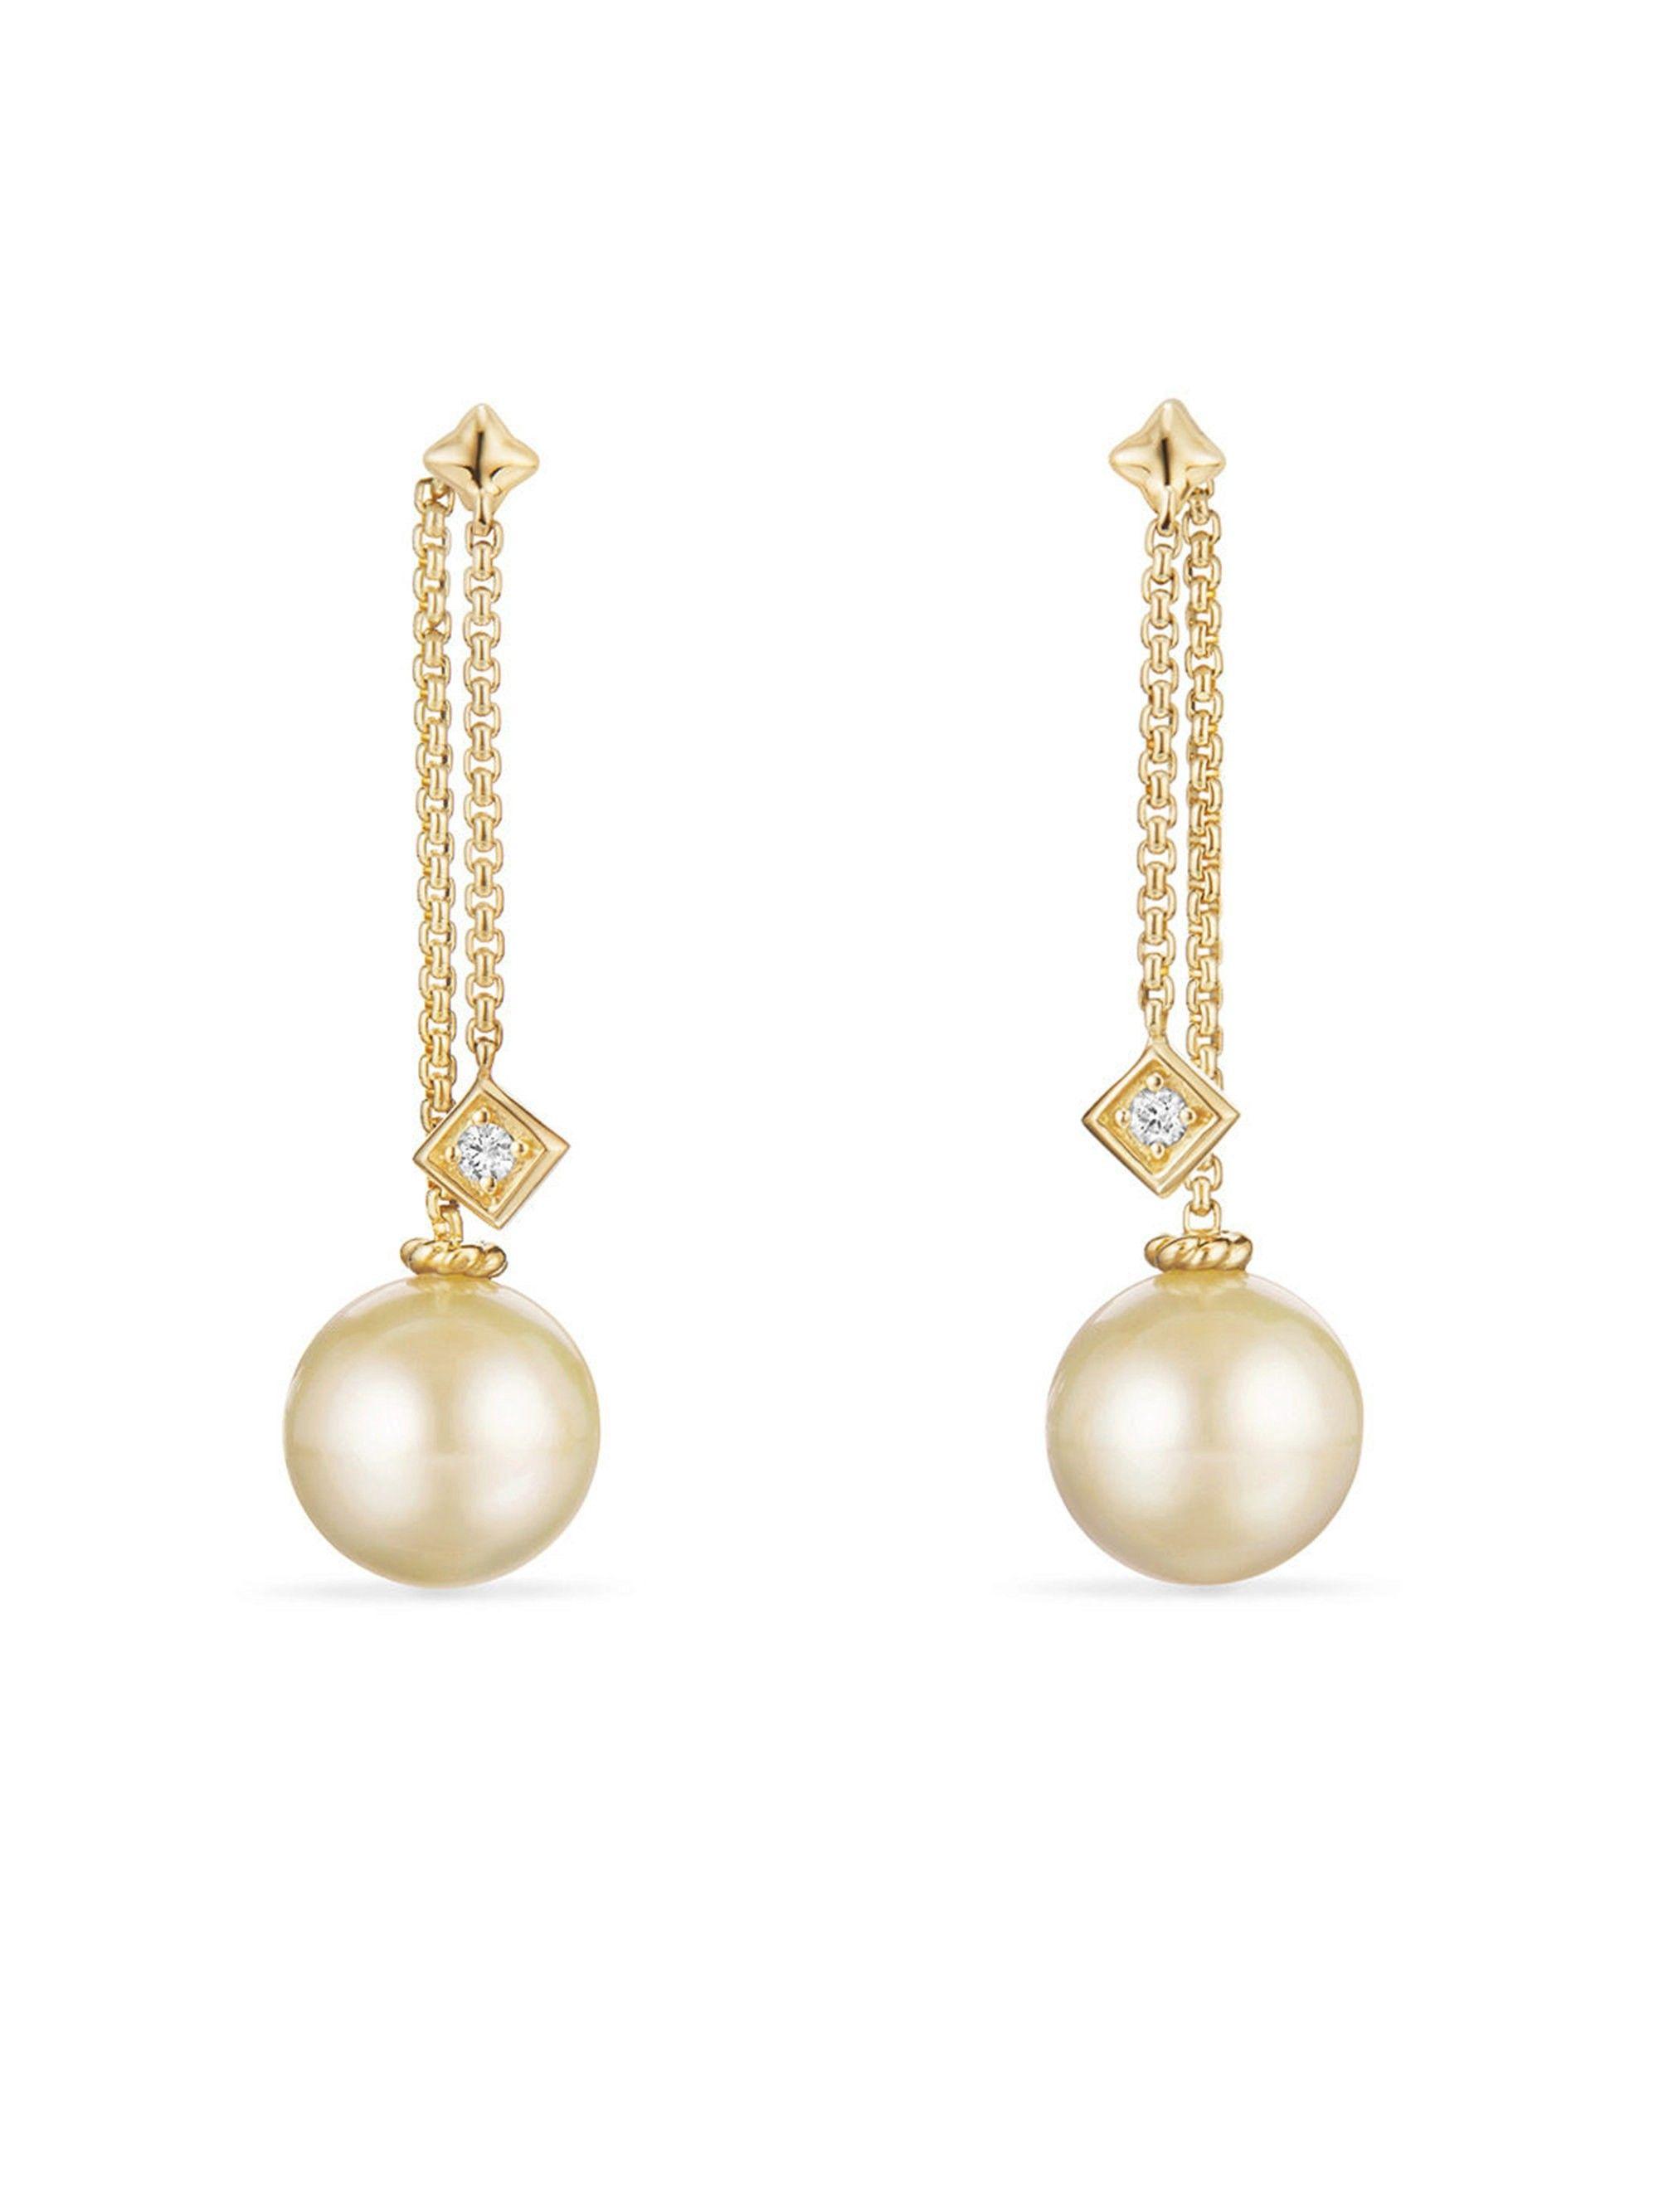 06cec1682fc34 David Yurman Solari Drop Earrings In 18K Gold With Diamonds - Yellow ...